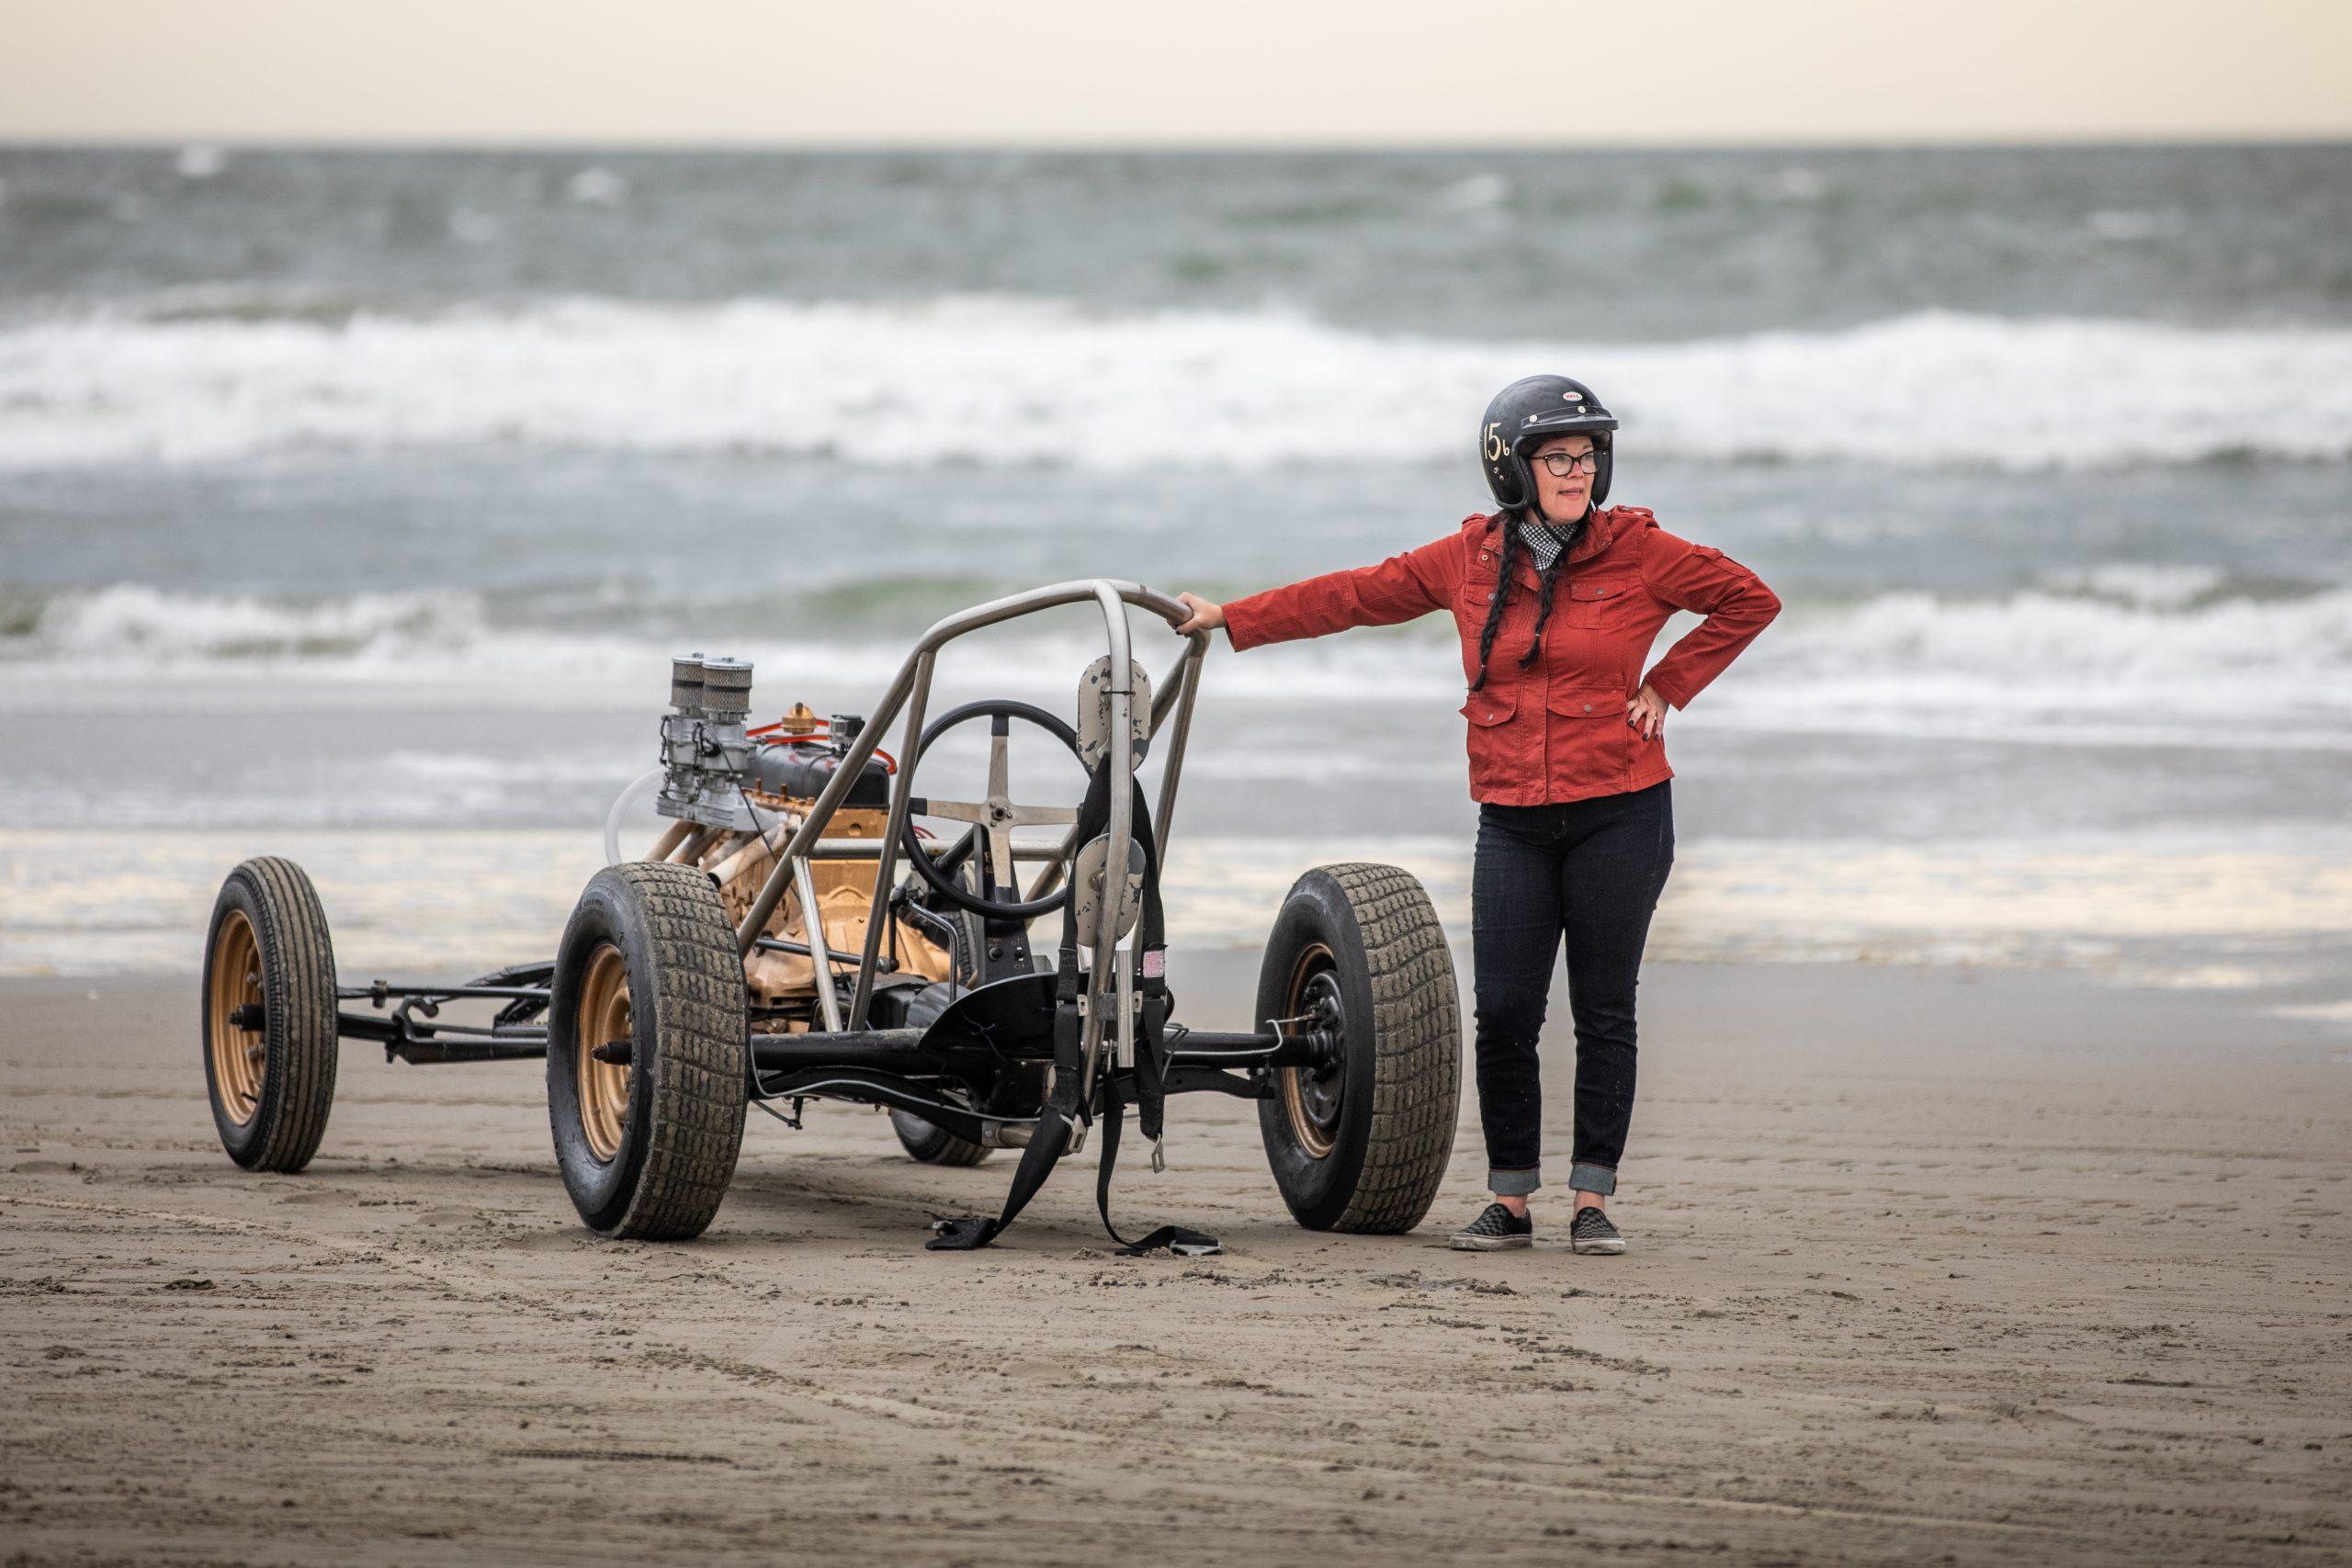 buggy beach sand racer